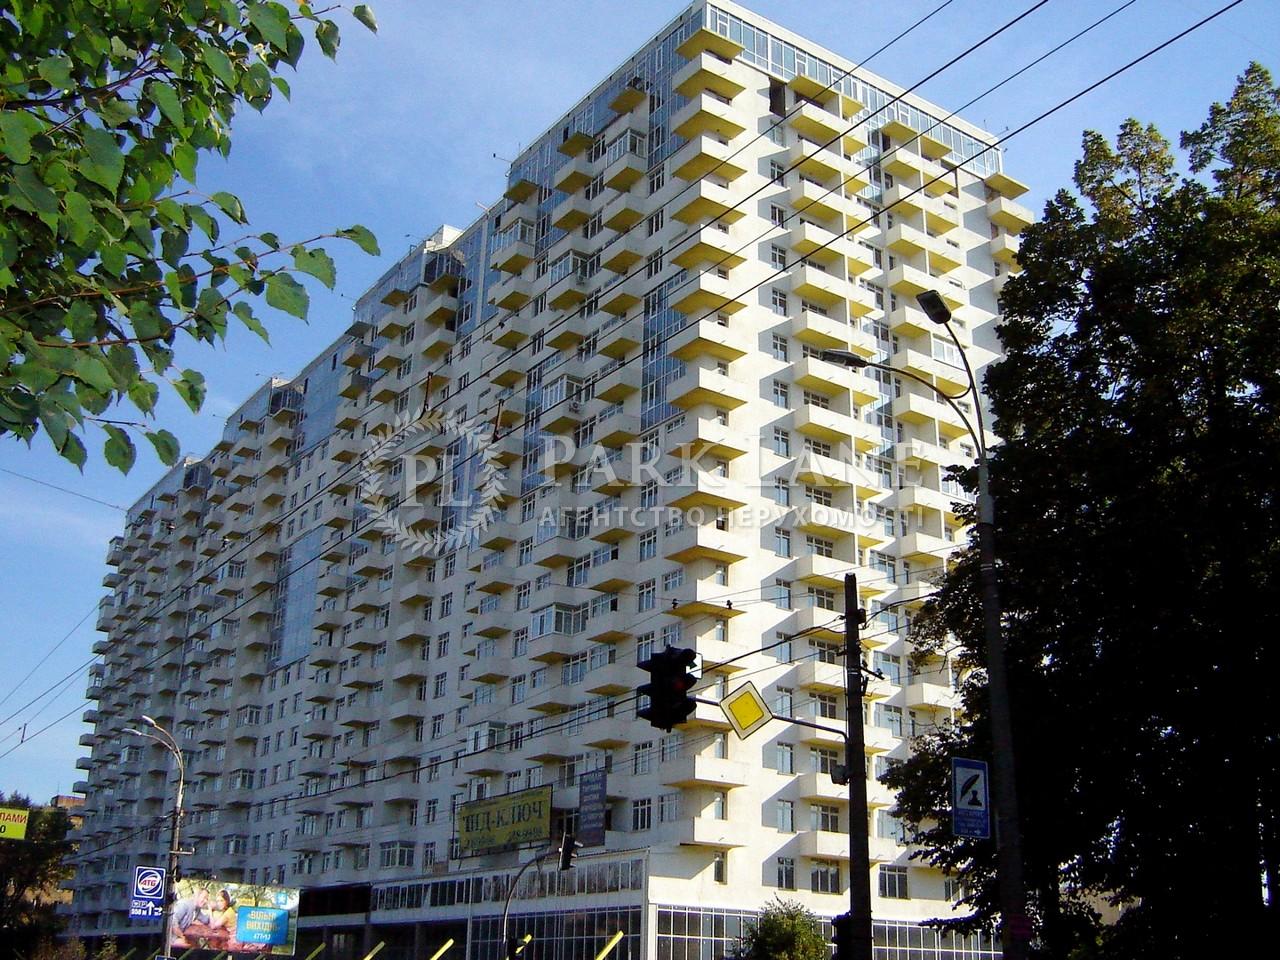 Нежилое помещение, Z-1802144, Щербаковского Даниила (Щербакова), Киев - Фото 1